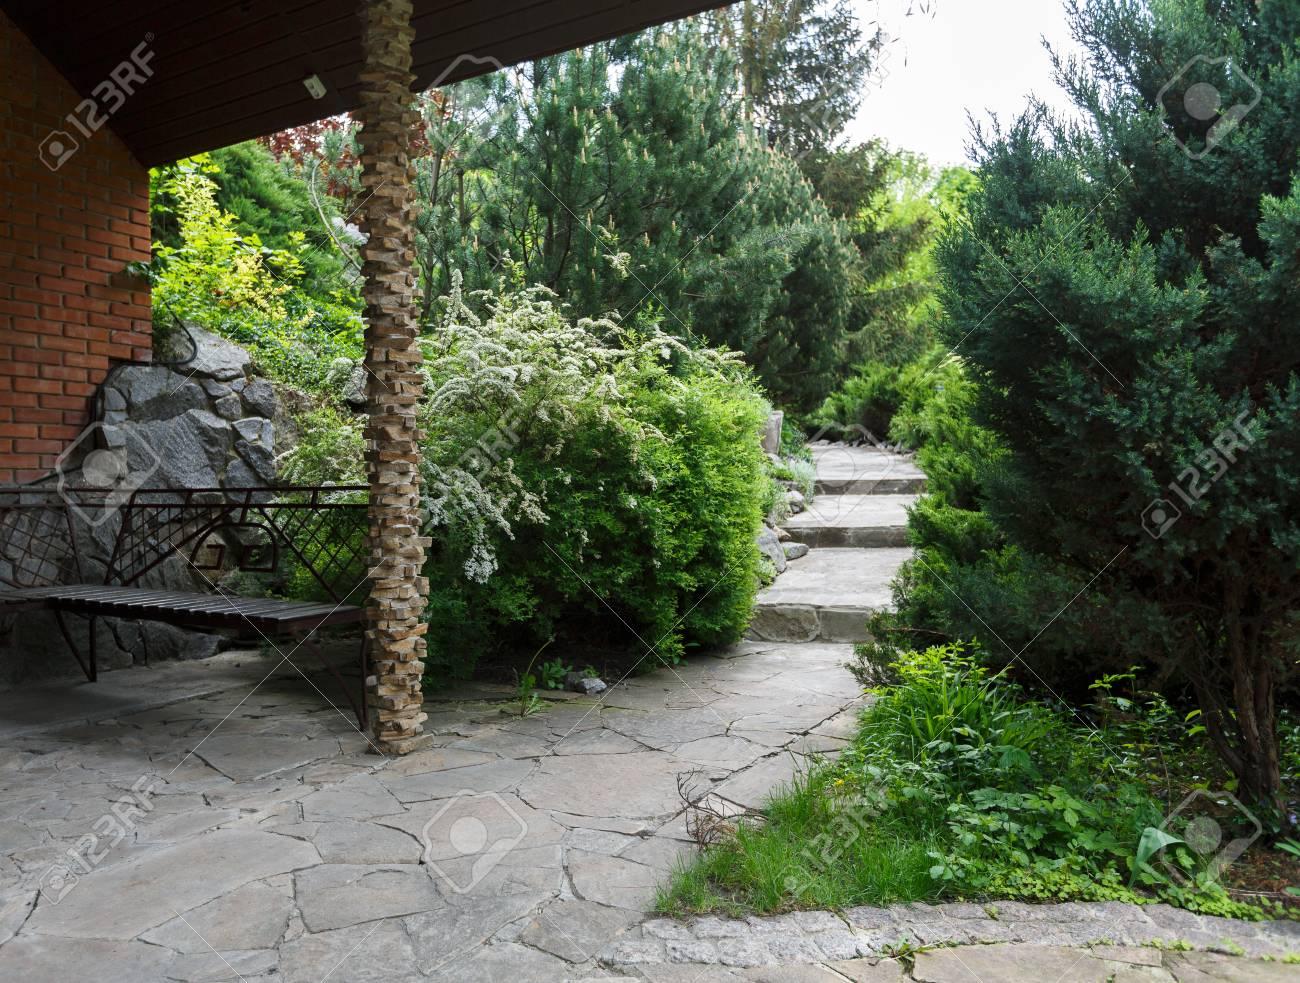 Beau Design Paysager Allee De Jardin Avec Escalier En Dalles De Pierre Arbustes A Feuillage Persistant Et Arbustes Au Soleil Banc Dans Un Beau